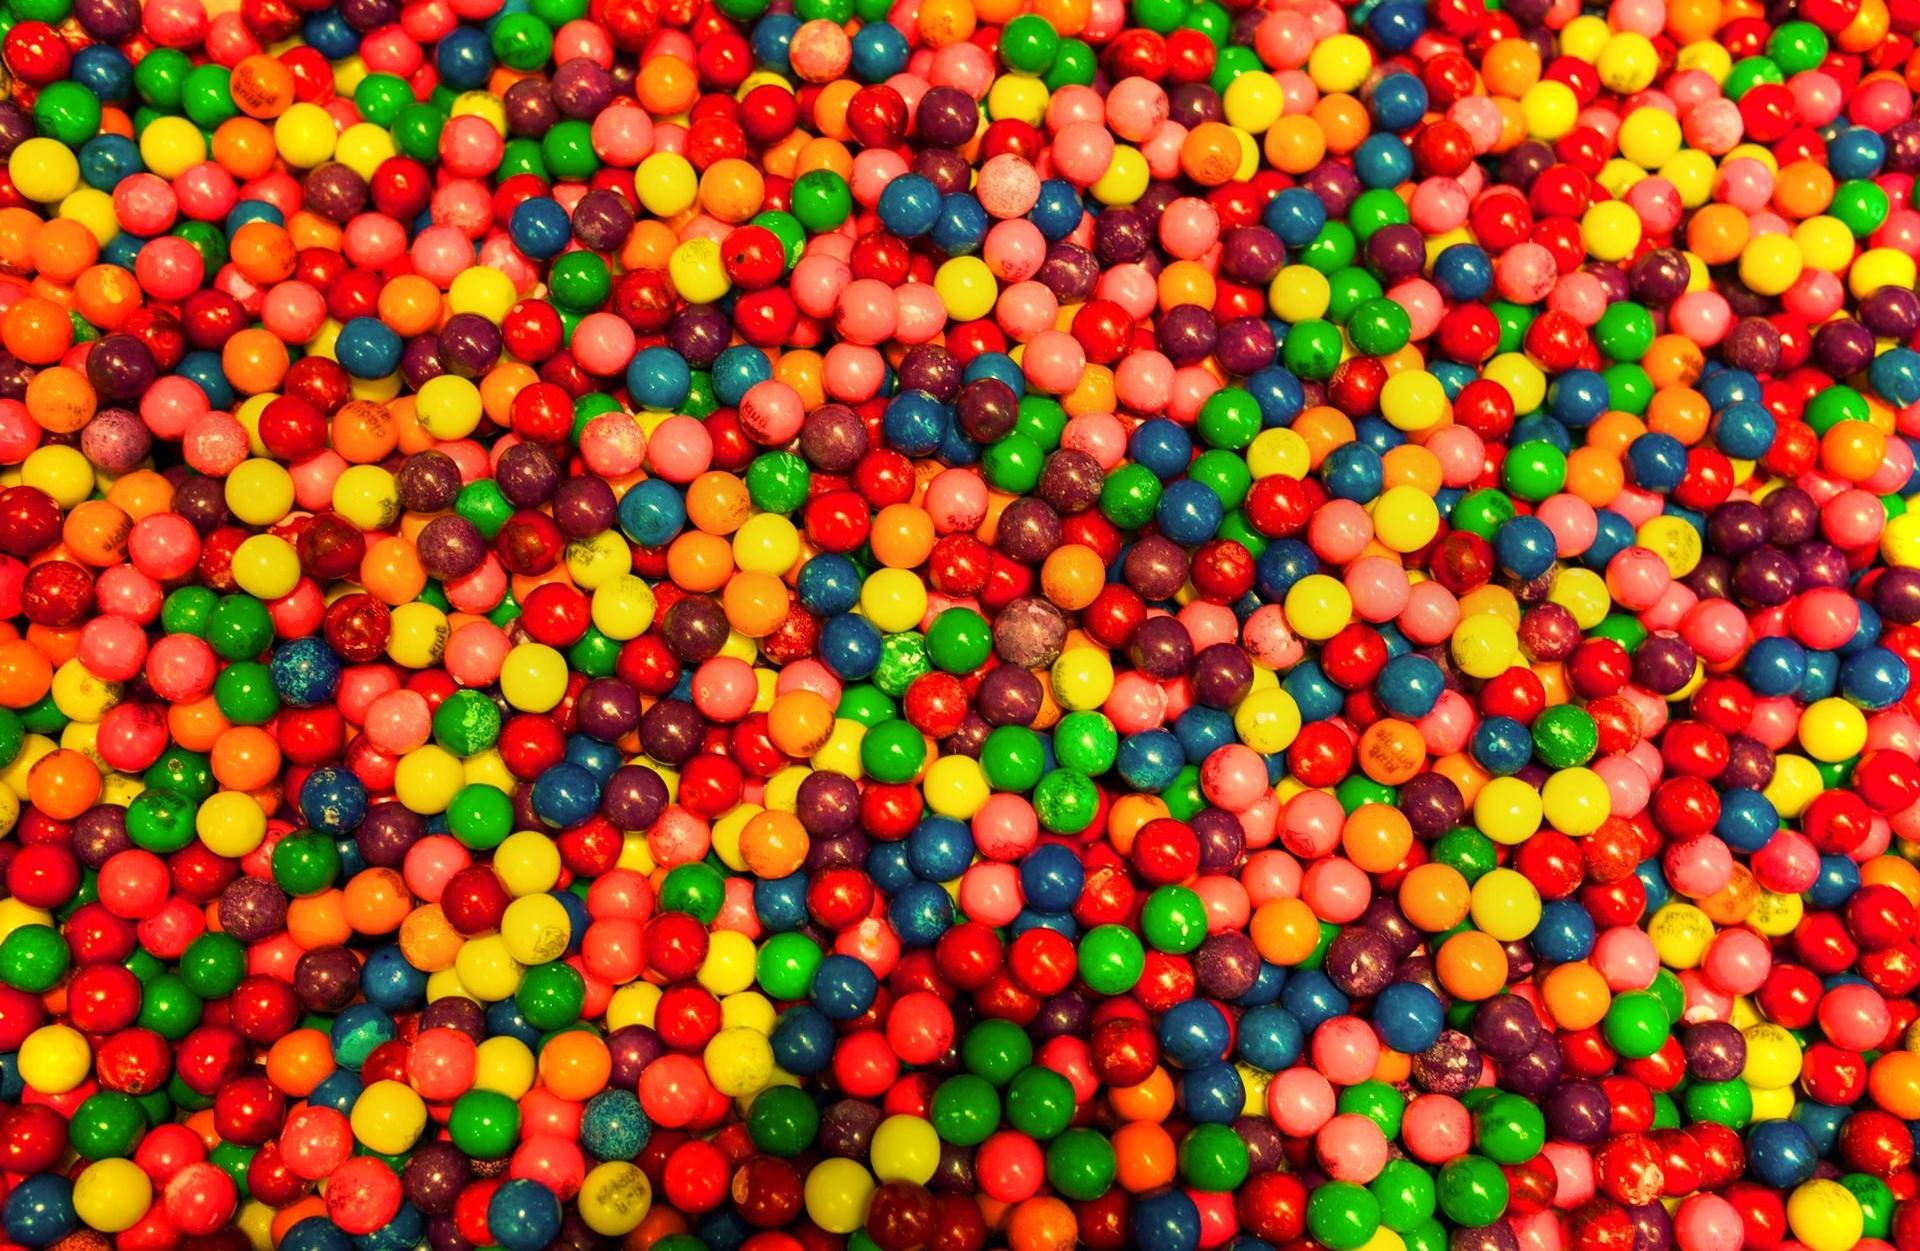 Hipster Fall Desktop Wallpaper Free Candy Hd Wallpapers Pixelstalk Net